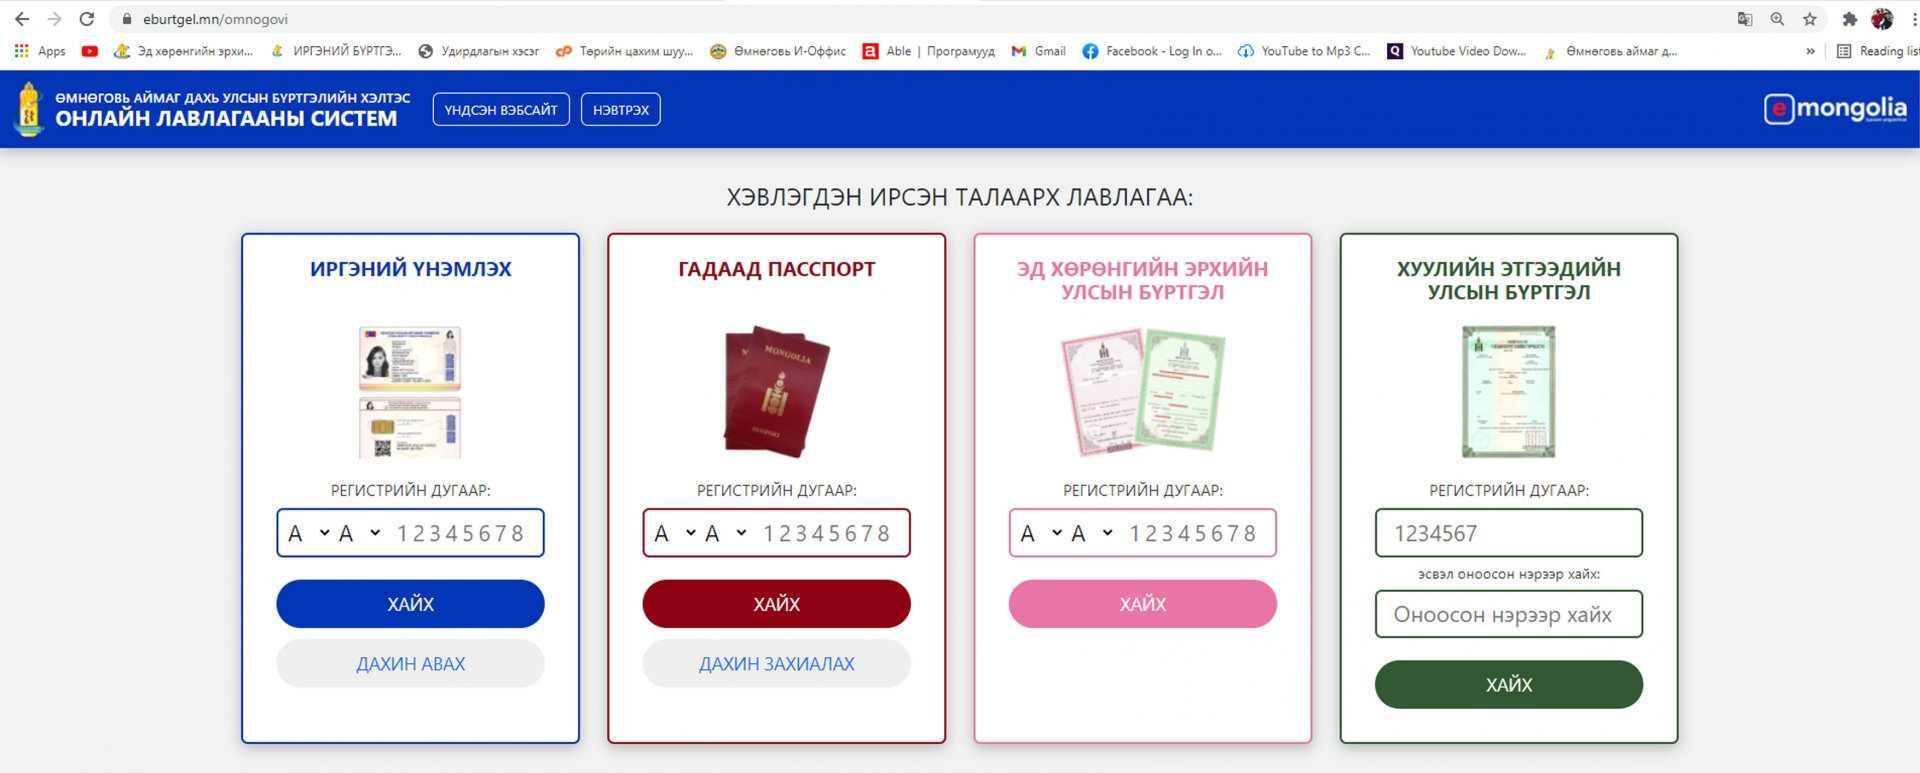 WWW.EBURTGEL.MN/OMNOGOVI хаягаар хандан иргэний үнэмлэх, гадаад паспорт, гэрчилгээ хэвлэгдсэн эсэхийг шалгах боломжтой боллоо